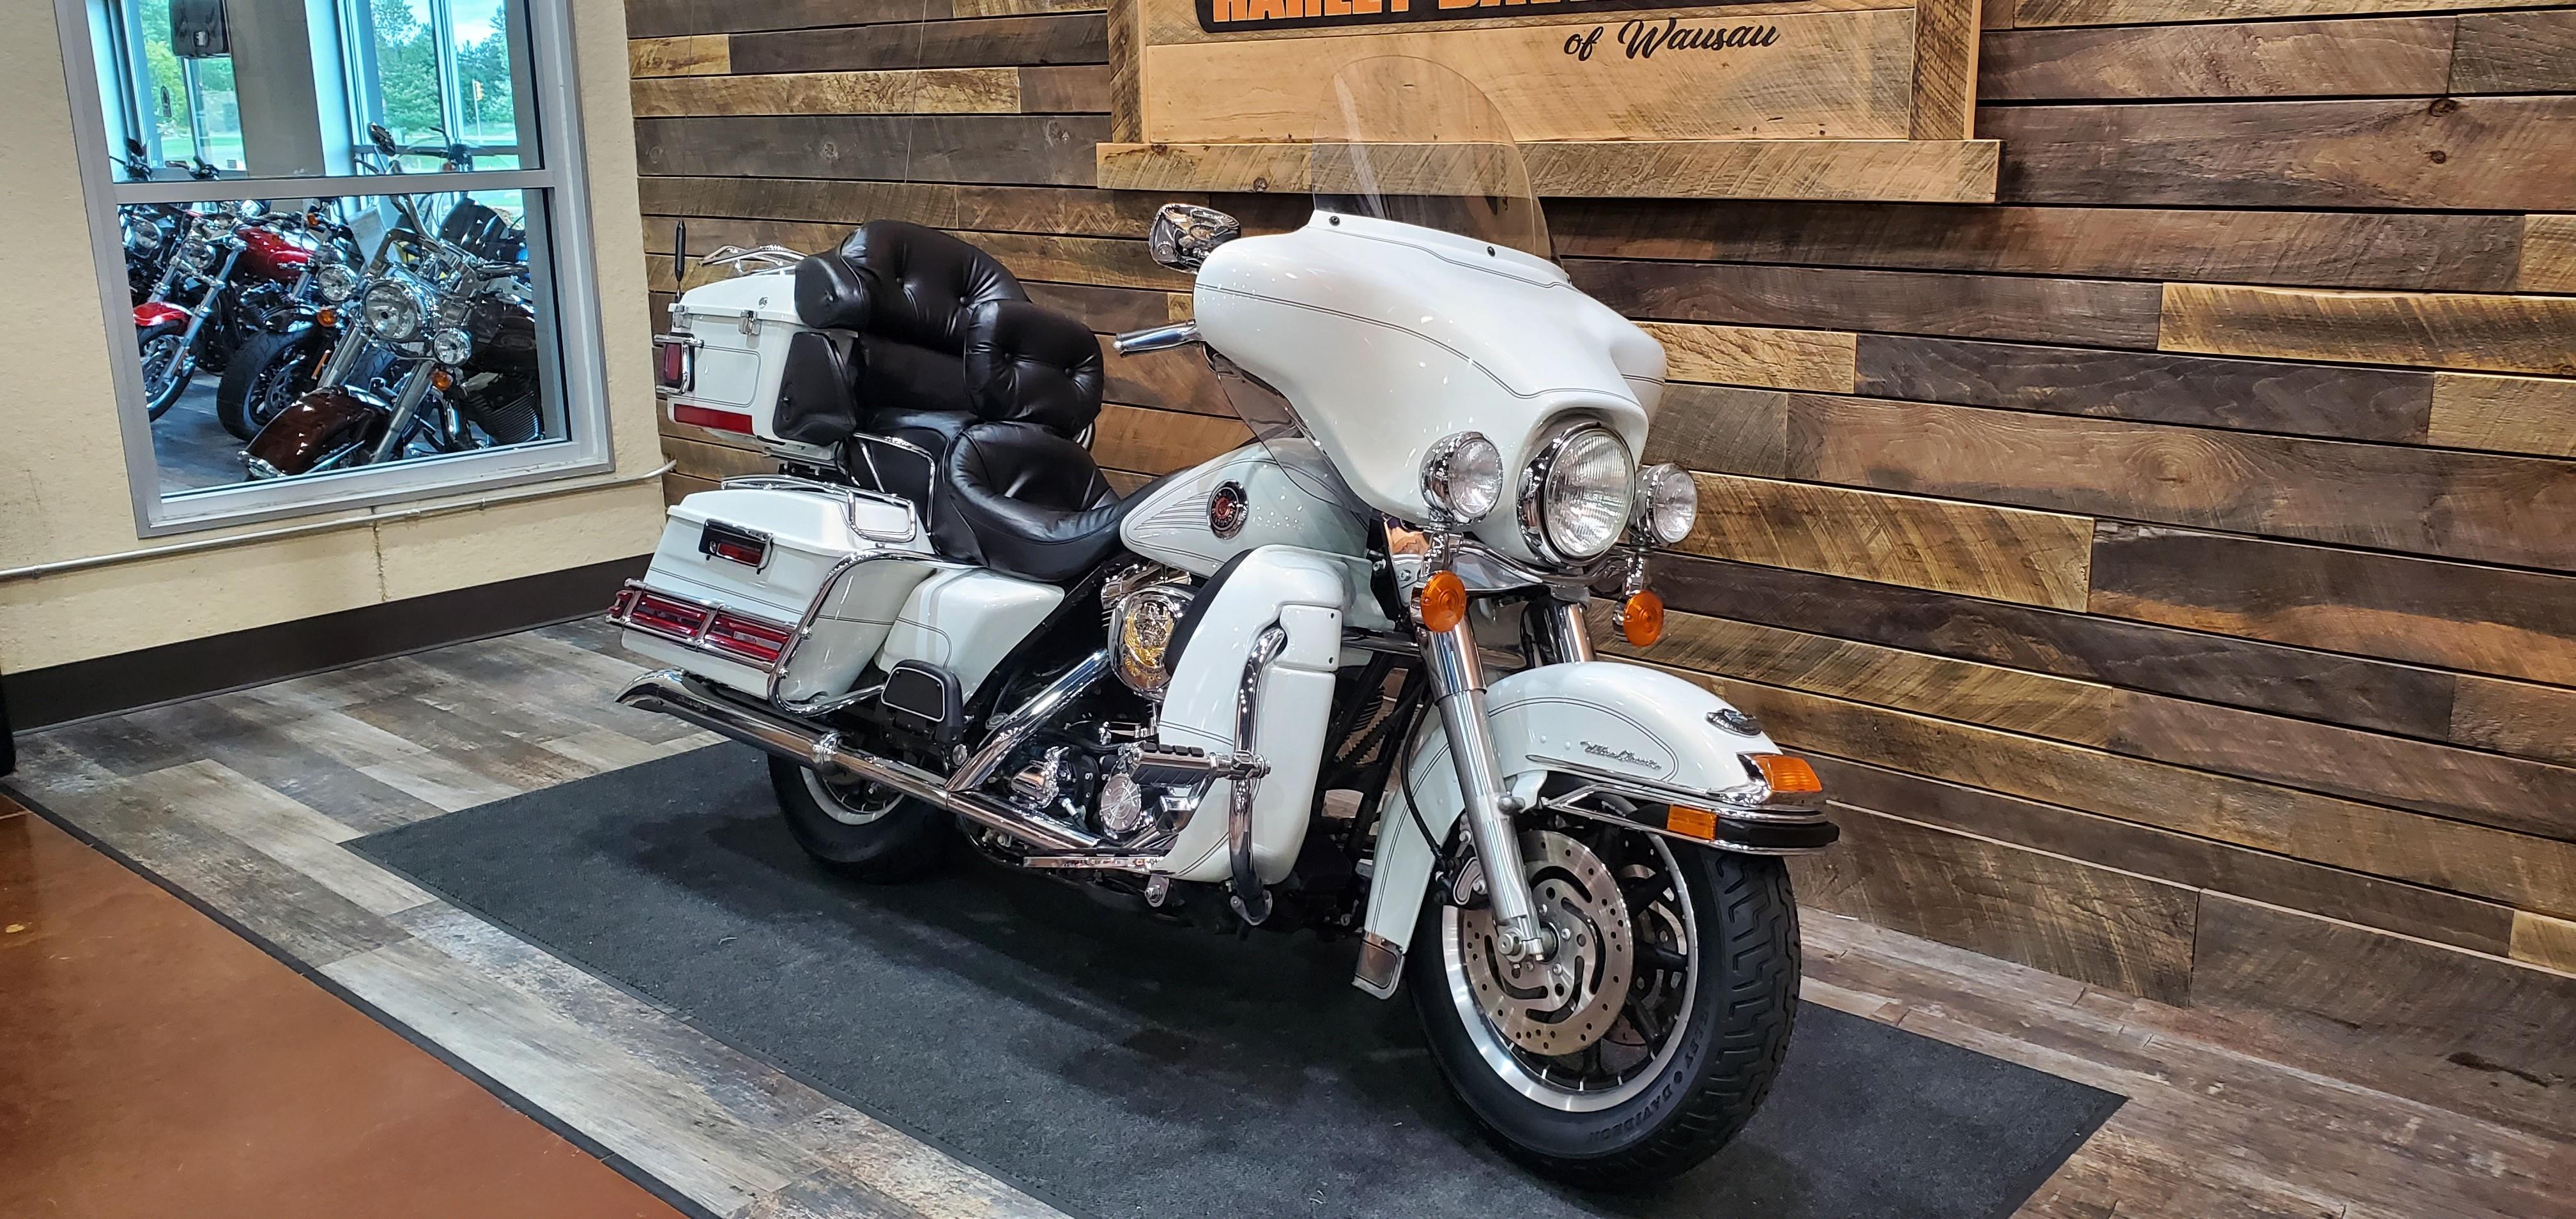 2003 Harley-Davidson FLHTC-UI SHRINE at Bull Falls Harley-Davidson